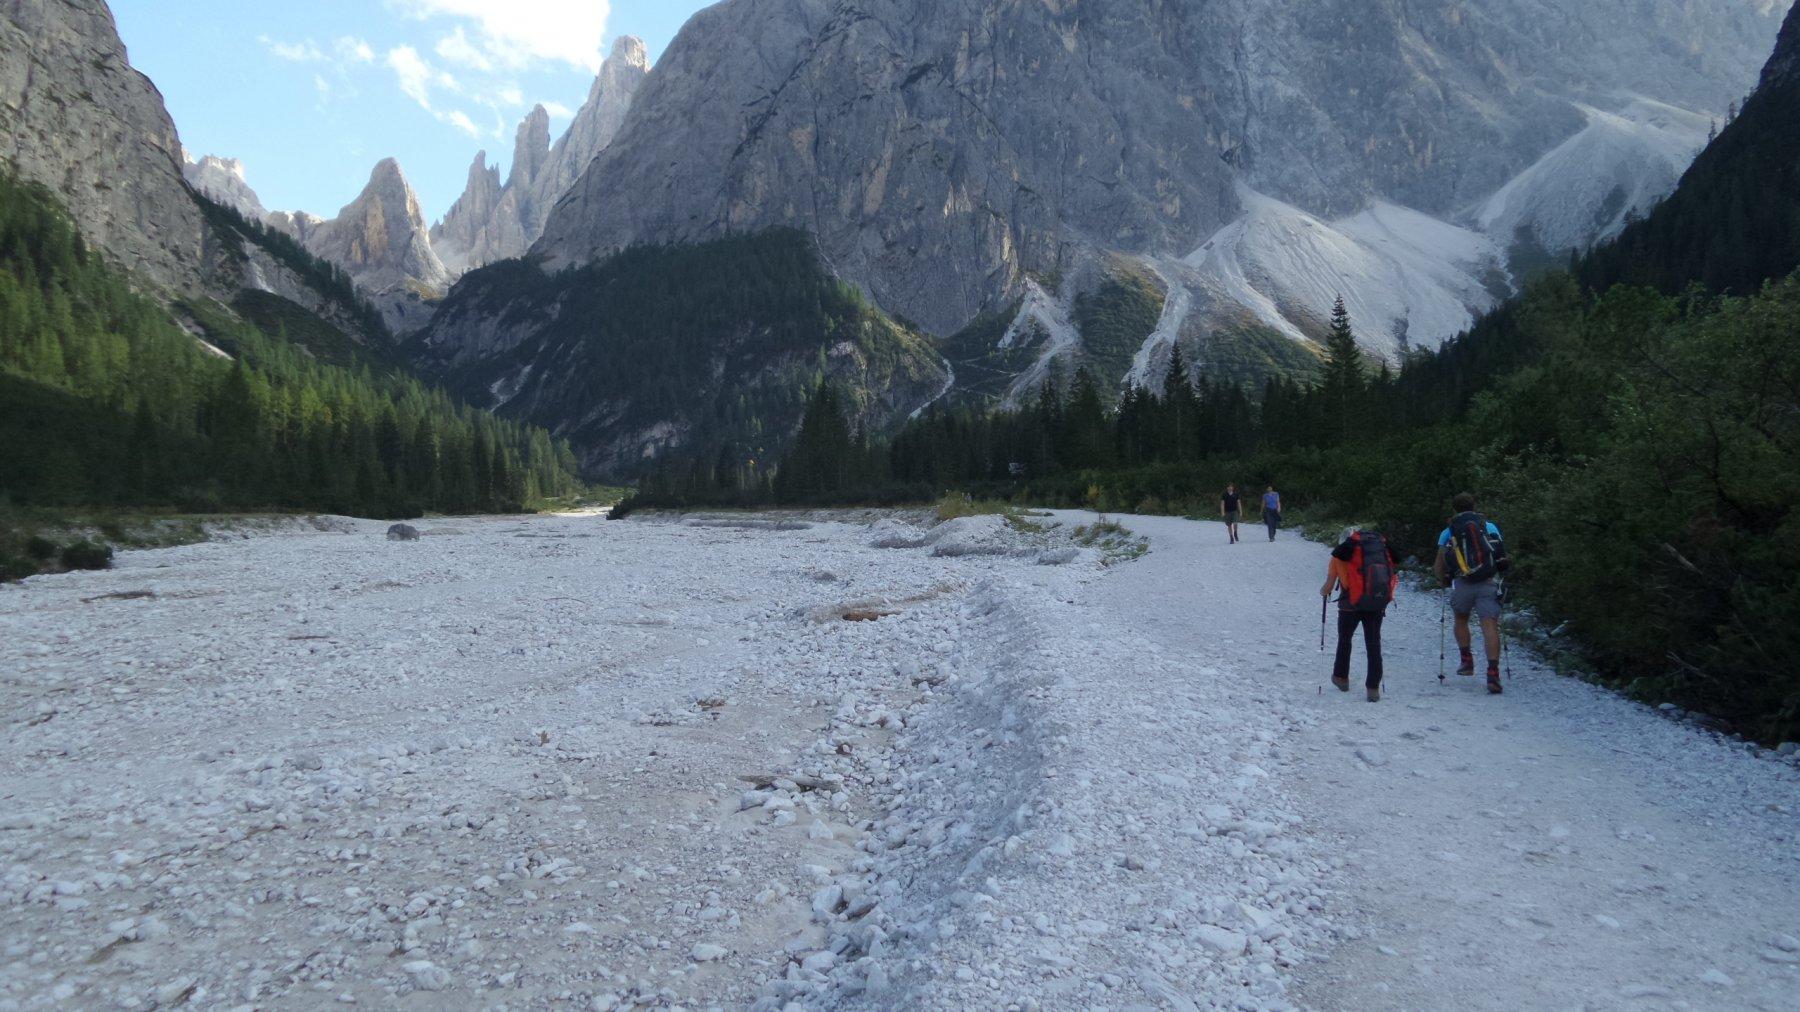 risalendo il tratto iniziale dell'Alta Valle Fiscalina (18-9-2015)